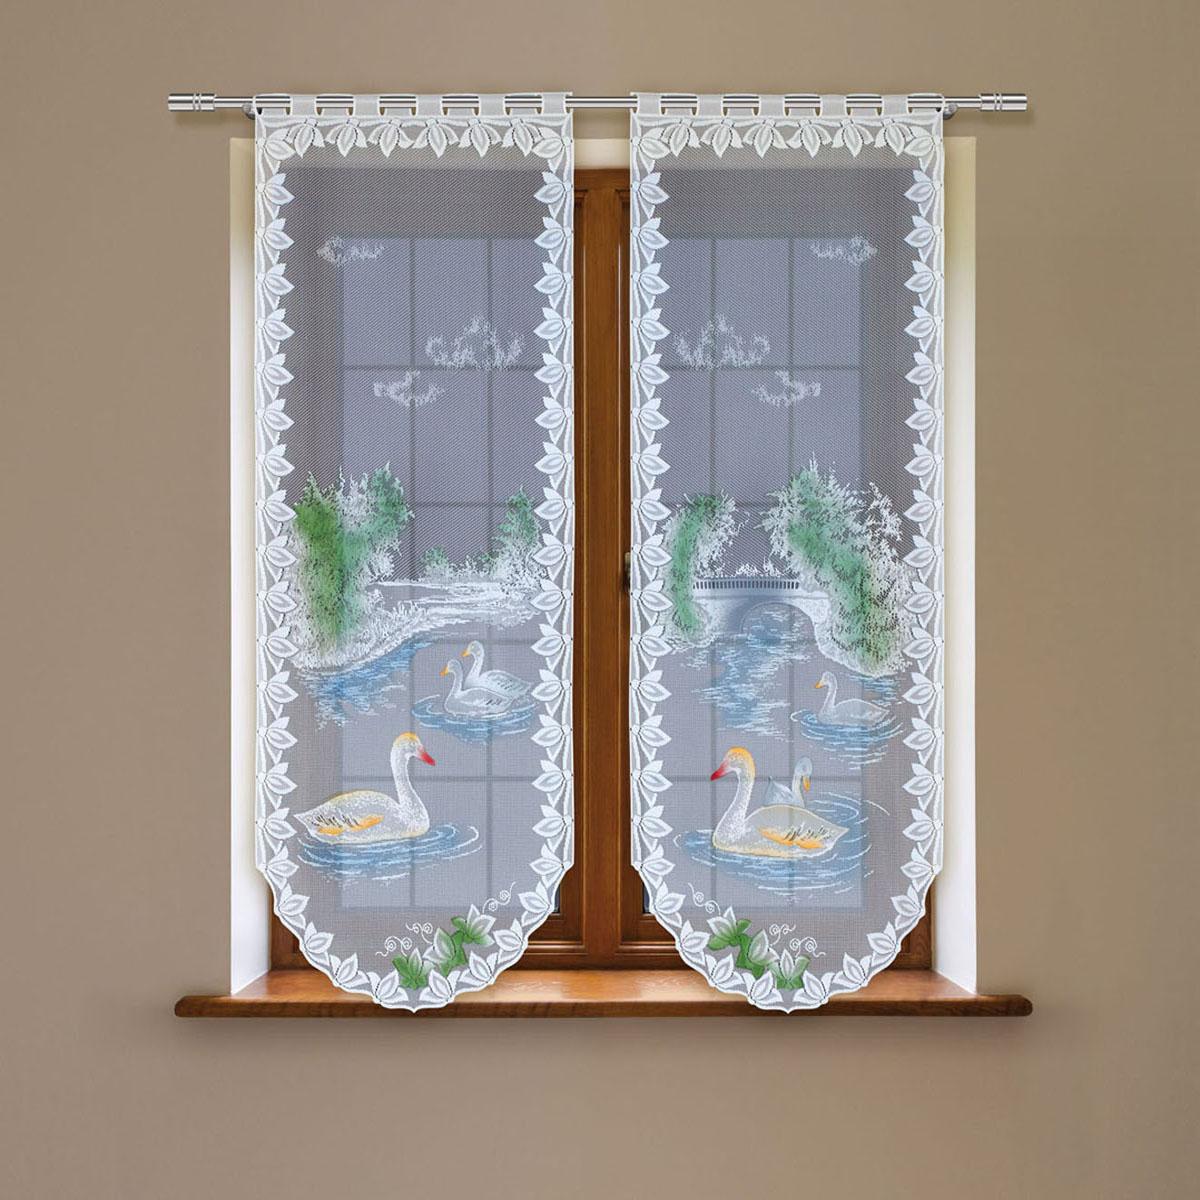 Гардина Haft, цвет: белый, высота 220 см. 4243Е/60S03301004Гардина имеет в верхней части полотна прорези, через которые гардина-витраж вывешивается на карниз или можно крепить на зажим для штор,котрый в комплект не входит.Комплект состоит из двух полотен (выс.220* шир.60) Размеры: (высота 220* ширина 60)*2